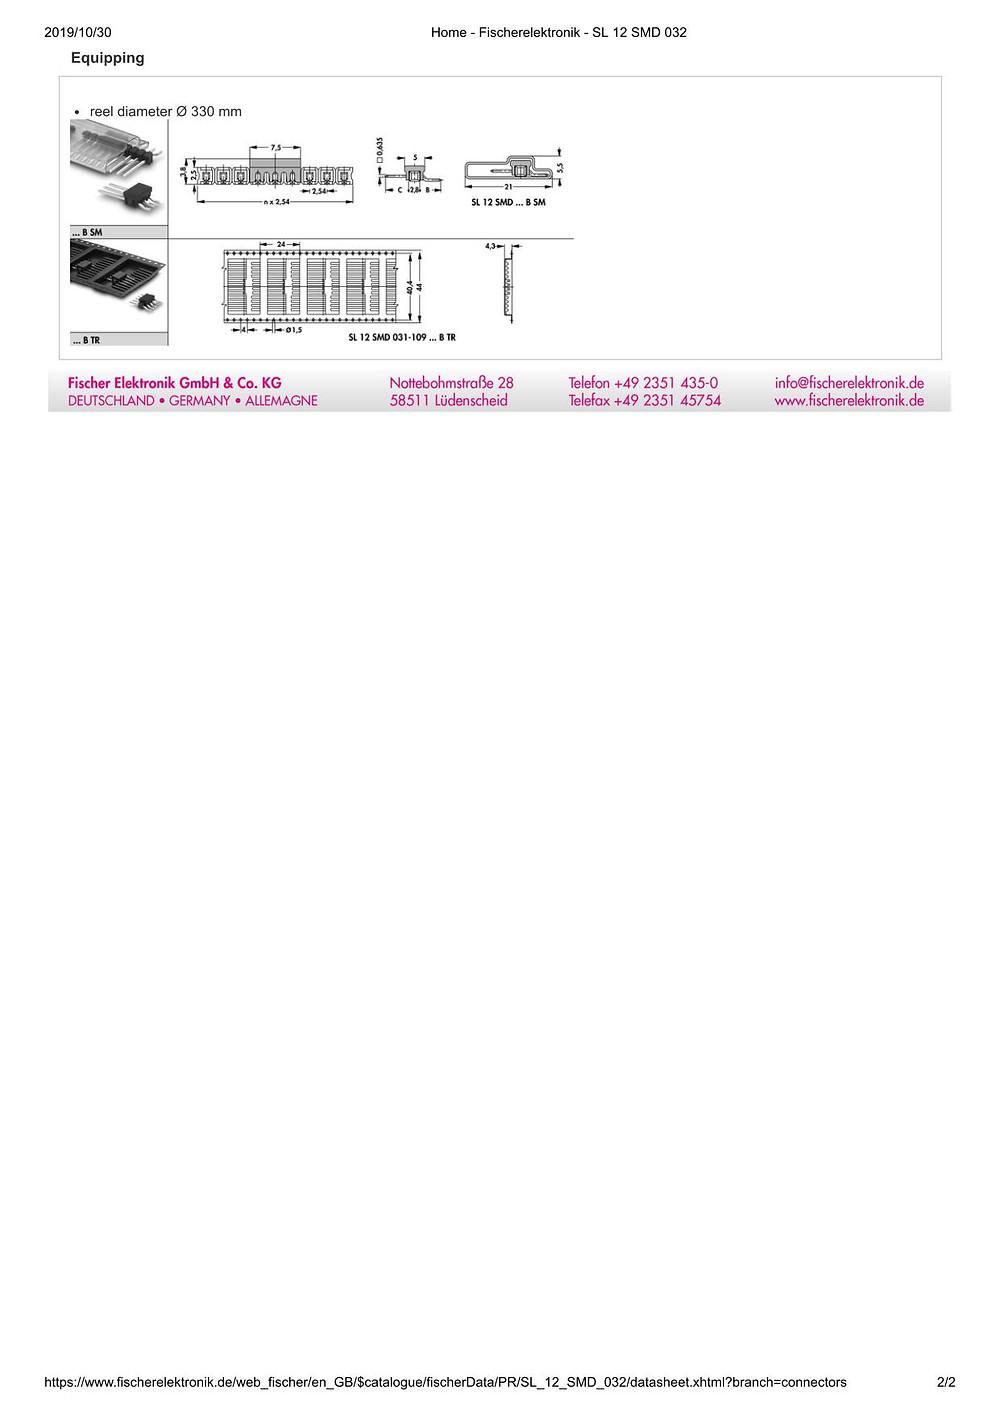 SL 12 SMD 032 フィッシャー テープ&リール対応 ピンヘッダ ライトアングル1列 2.54㎜ピッチ □0.635mm 2-20ピン